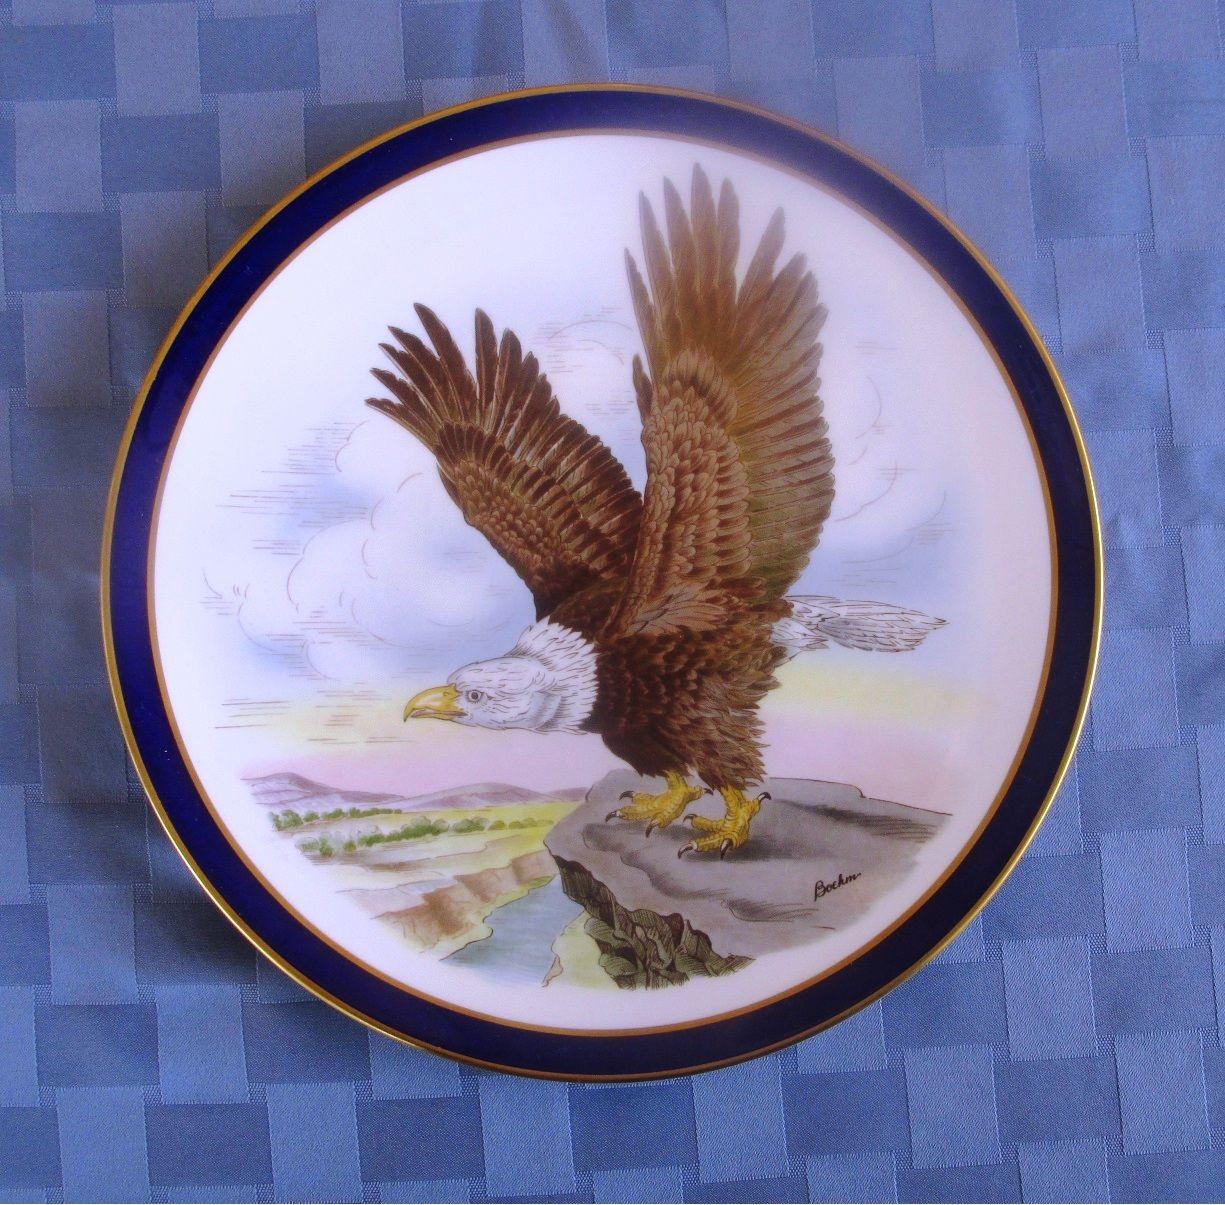 Platos (2)   Portarretratos   Pinterest   Platos, Águila calva y Calva